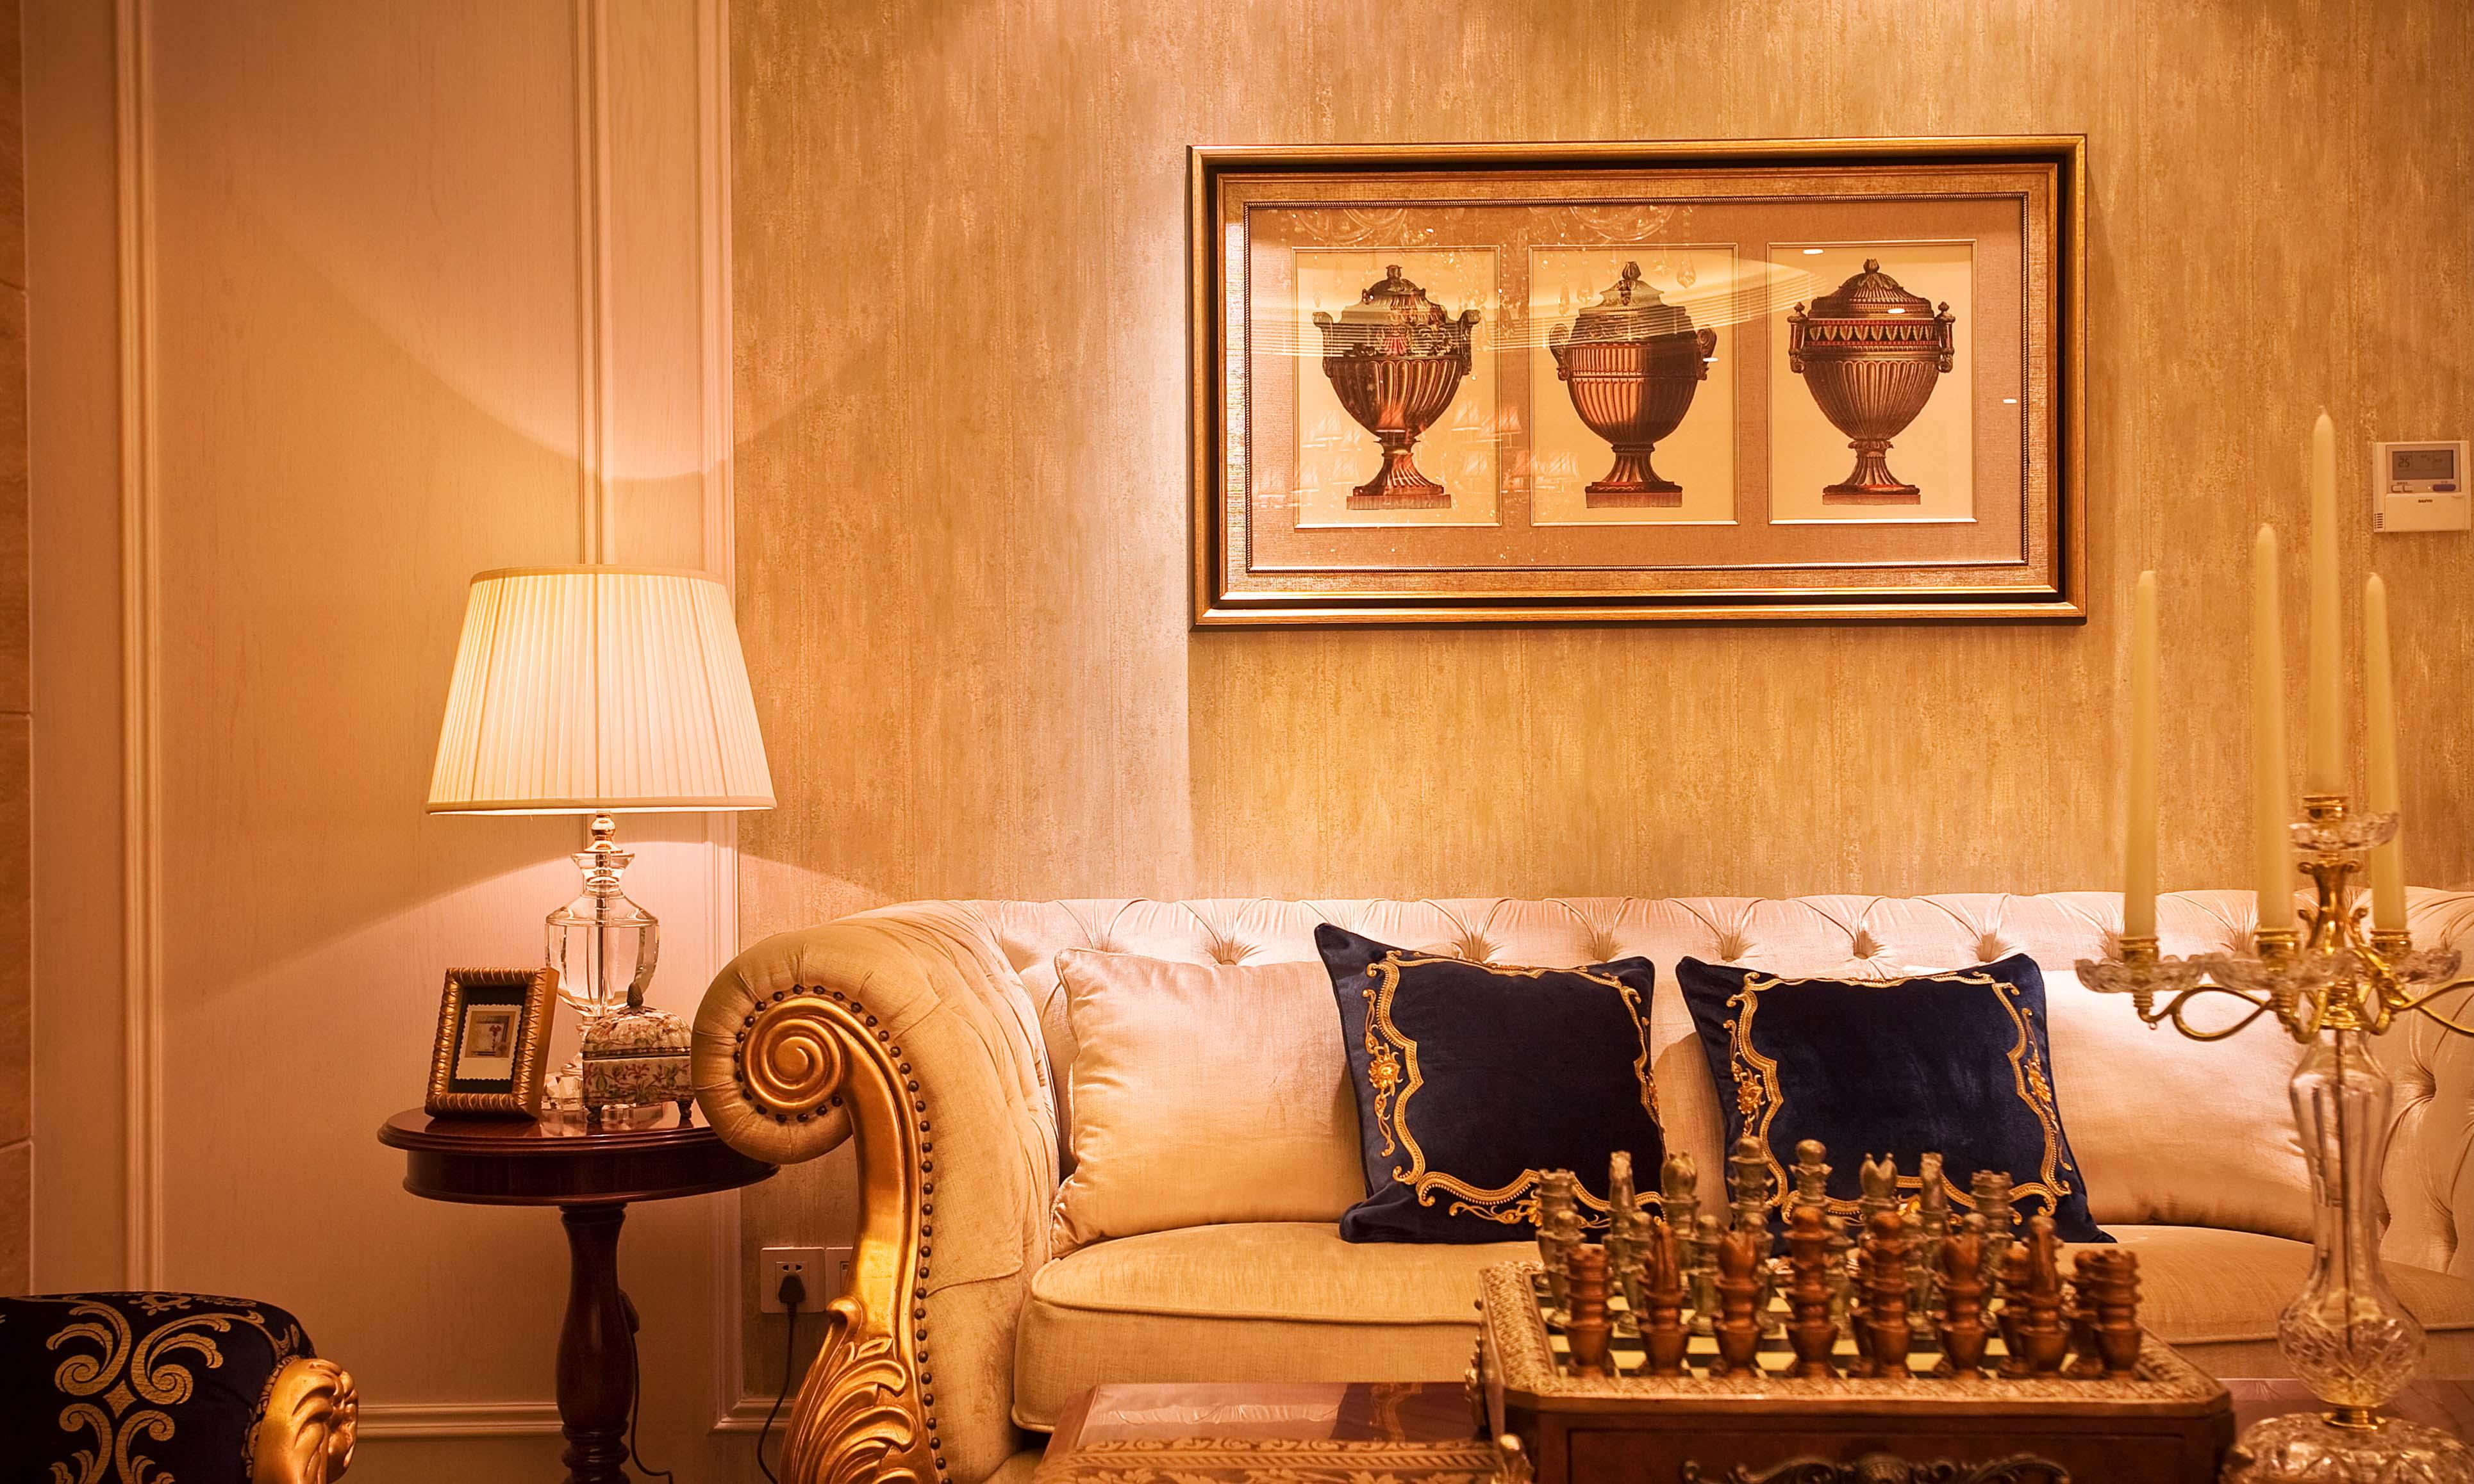 上海酒店家具厂-什么是酒店家具的常用材料